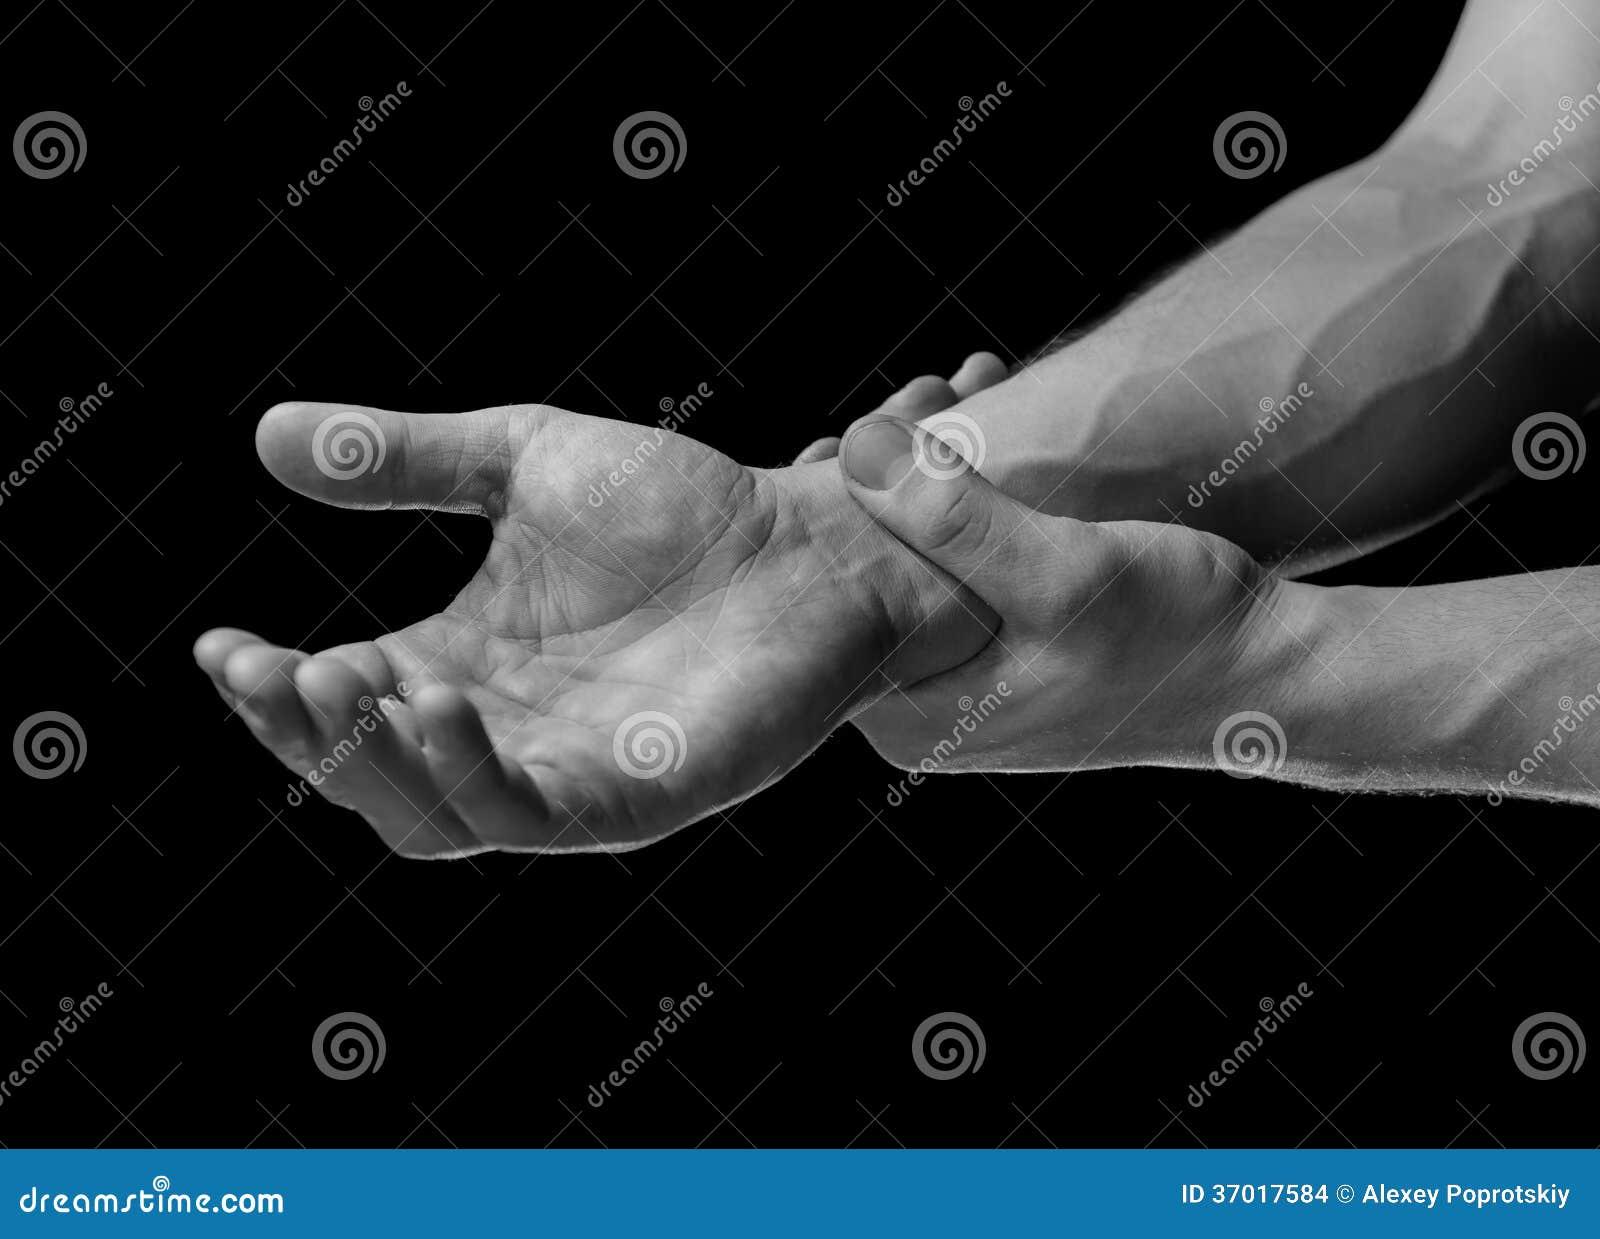 痛苦在腕子区域